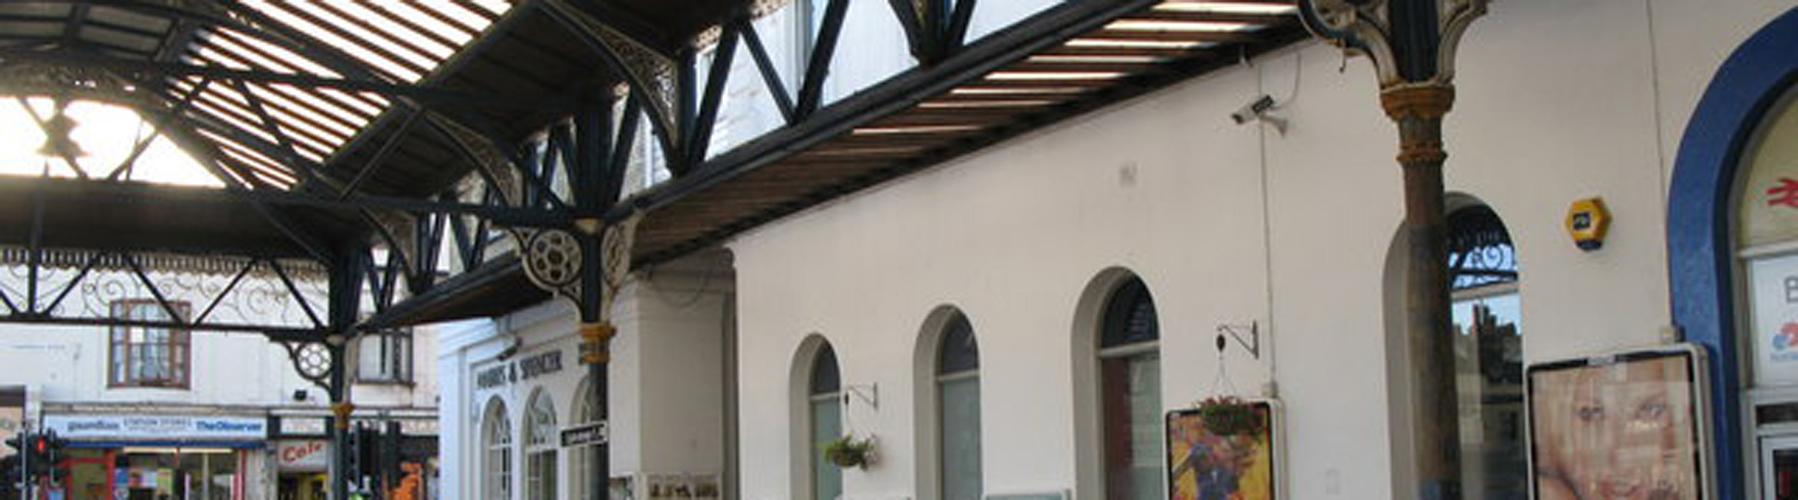 브라이튼 - 브라이튼 기차역와 가까운 호스텔. 브라이튼의 지도, 브라이튼에 위치한 호스텔 사진 및 후기 정보.